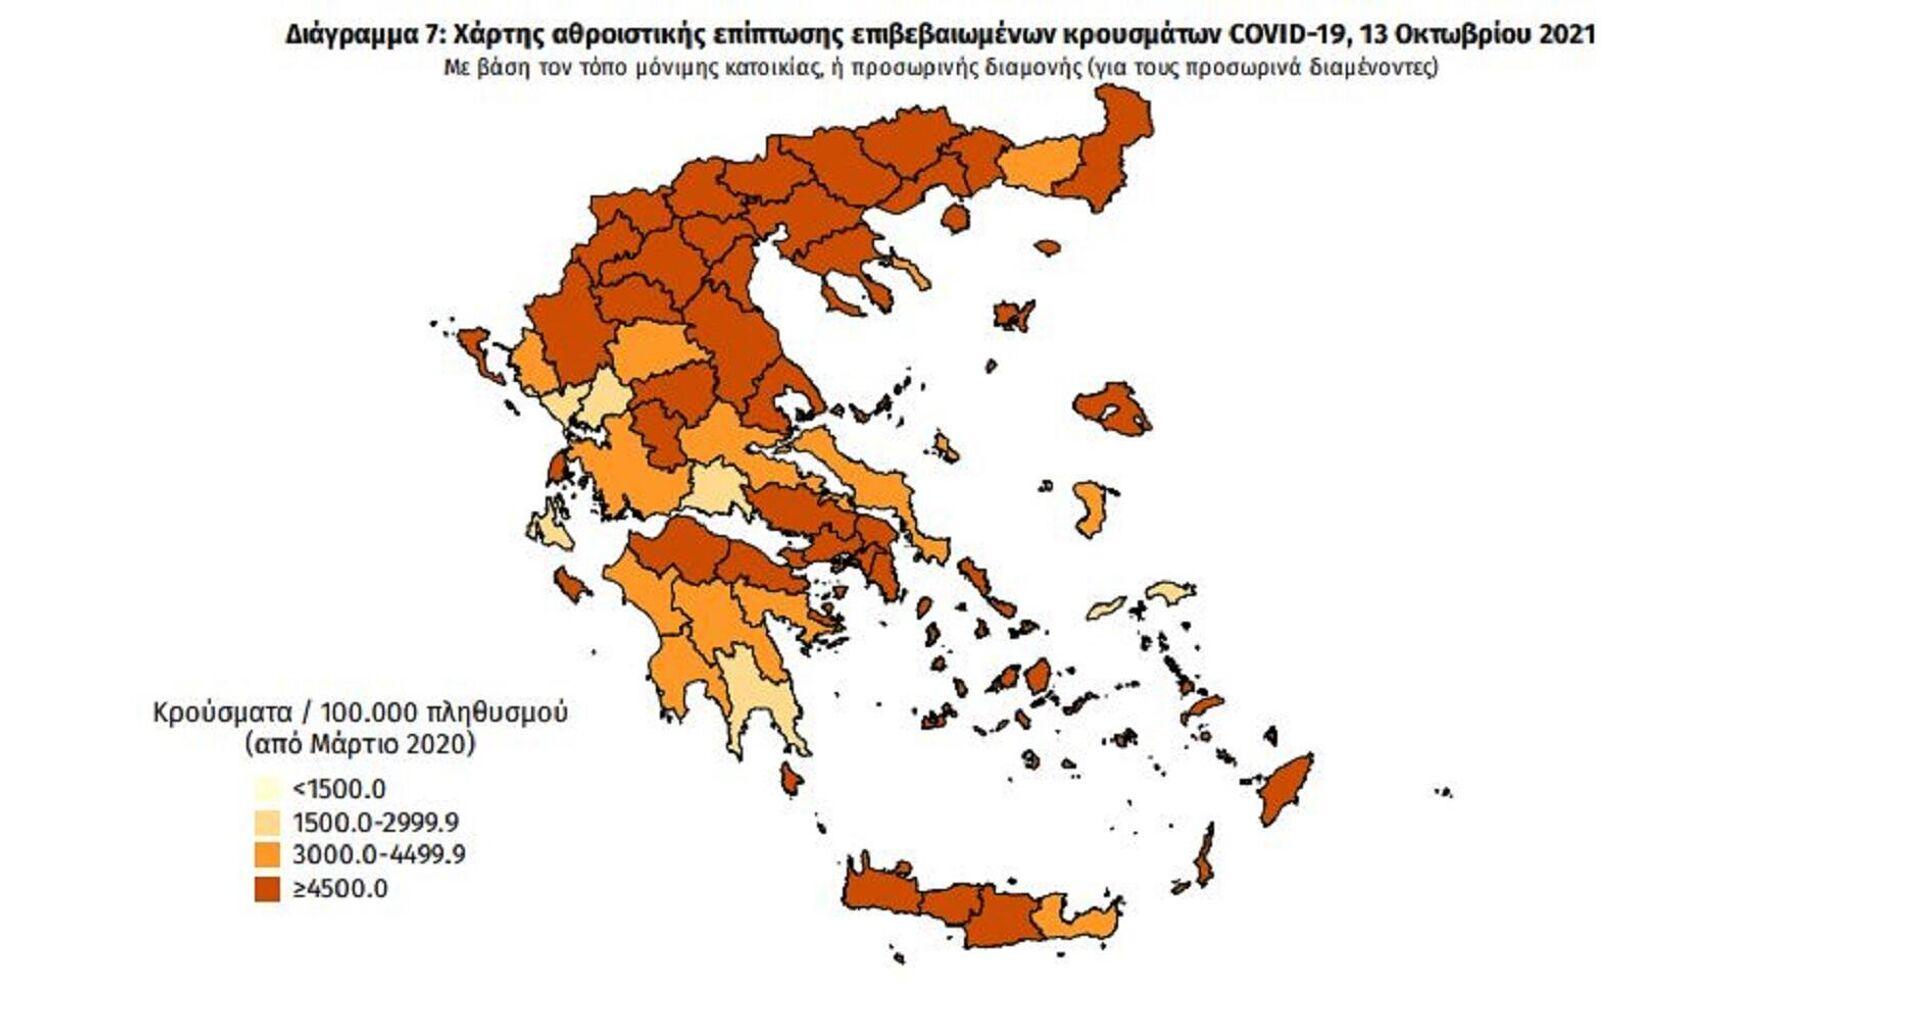 Χάρτης αθροιστικής επίπτωσης επιβεβαιωμένων κρουσμάτων COVID-19, 13 Οκτωβρίου 2021 - Sputnik Ελλάδα, 1920, 13.10.2021